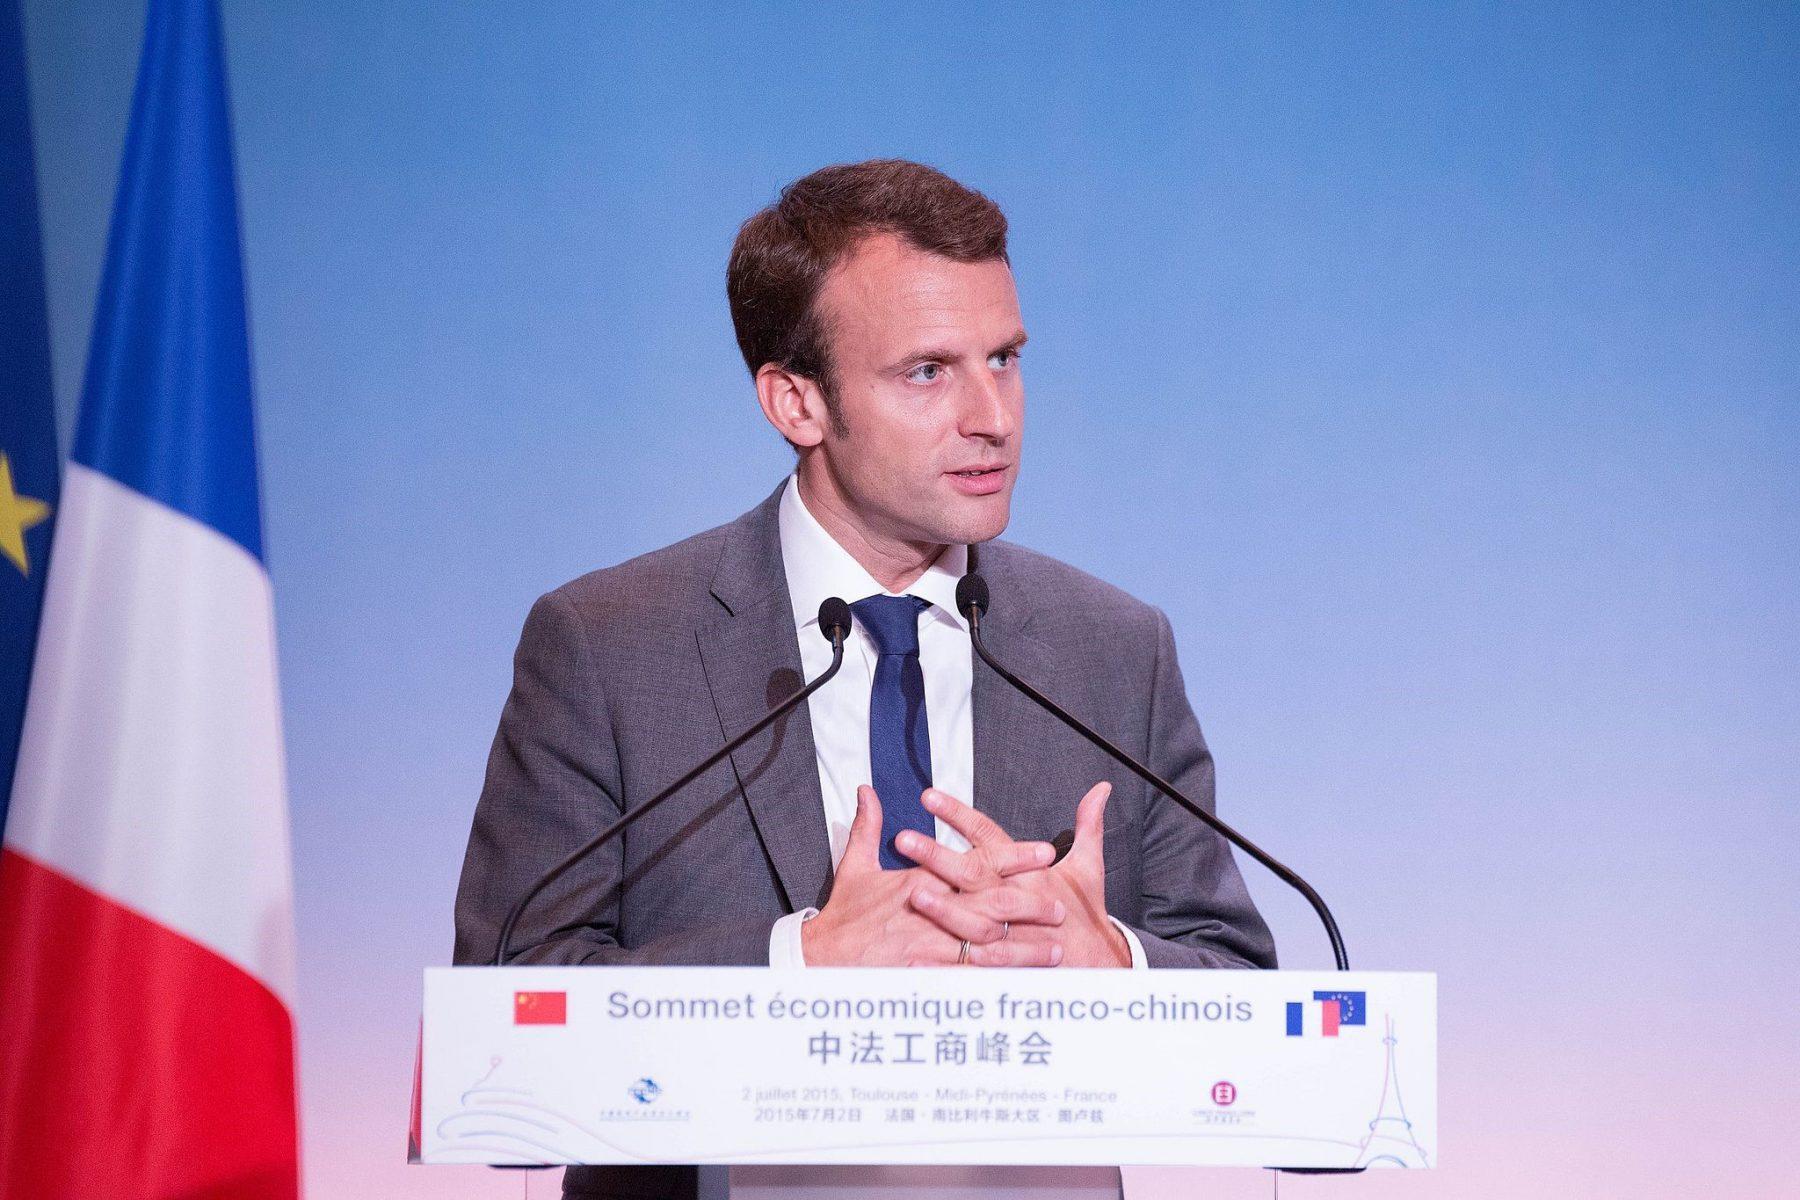 Macron Og Merkel Bebuder Reformer Af EU Og Eurozonen